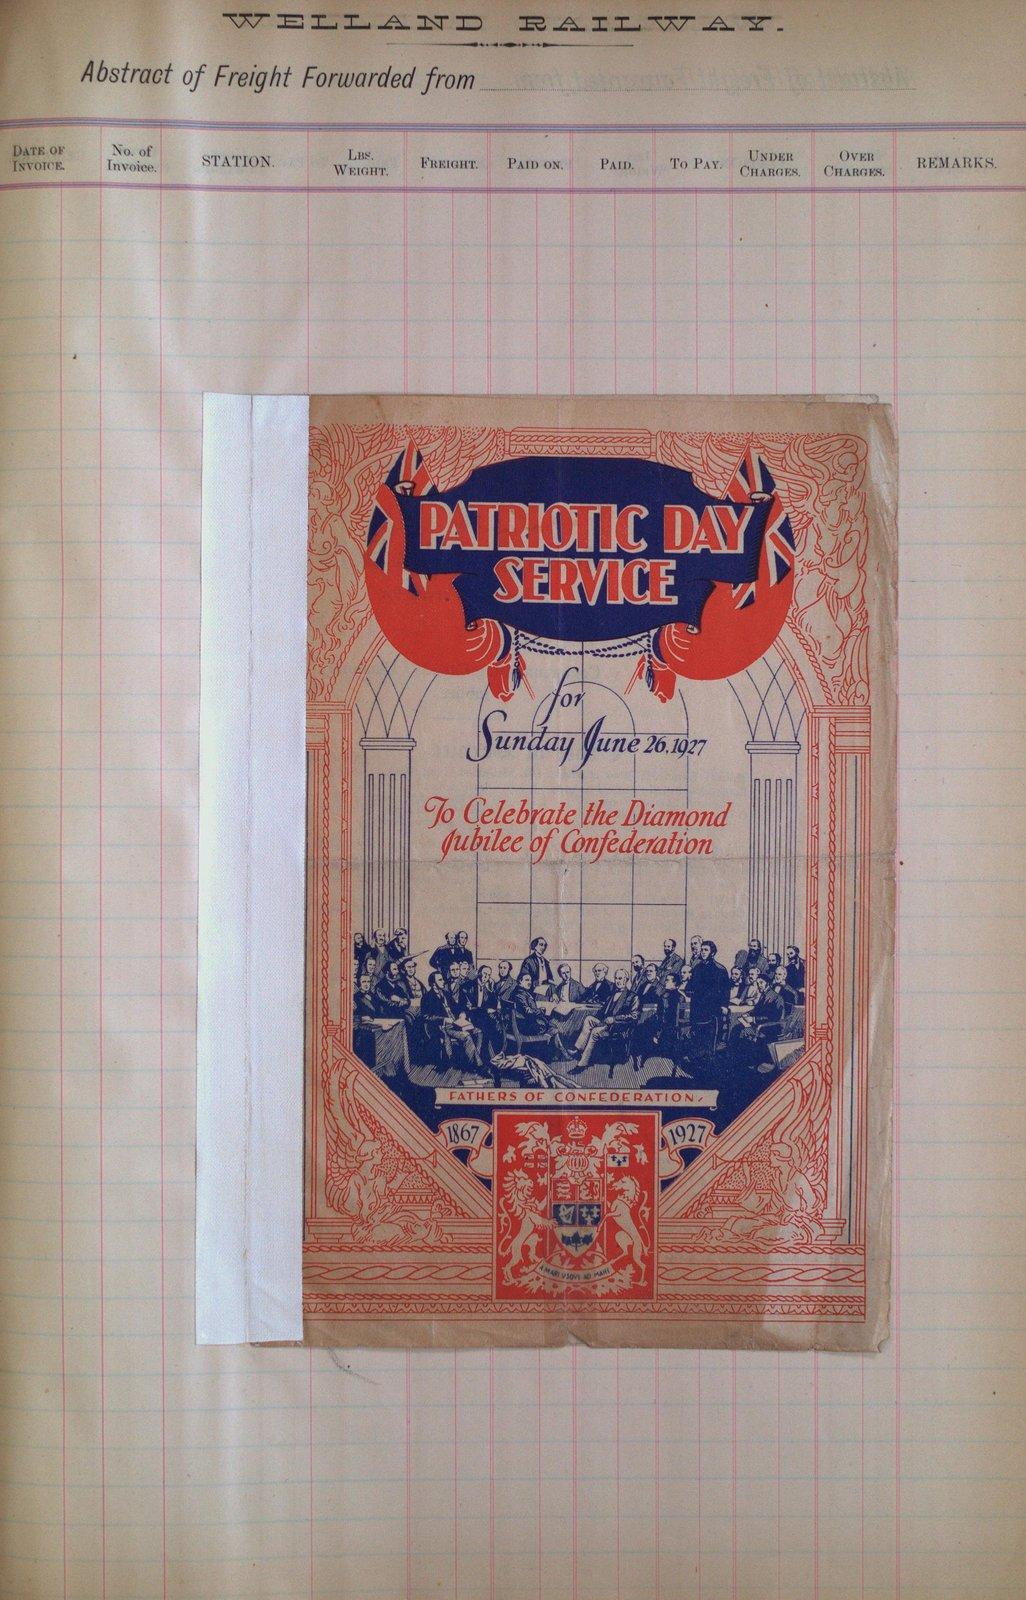 Teresa Vanderburgh's Musical Scrapbook #2 - Patriotic Day Service Program